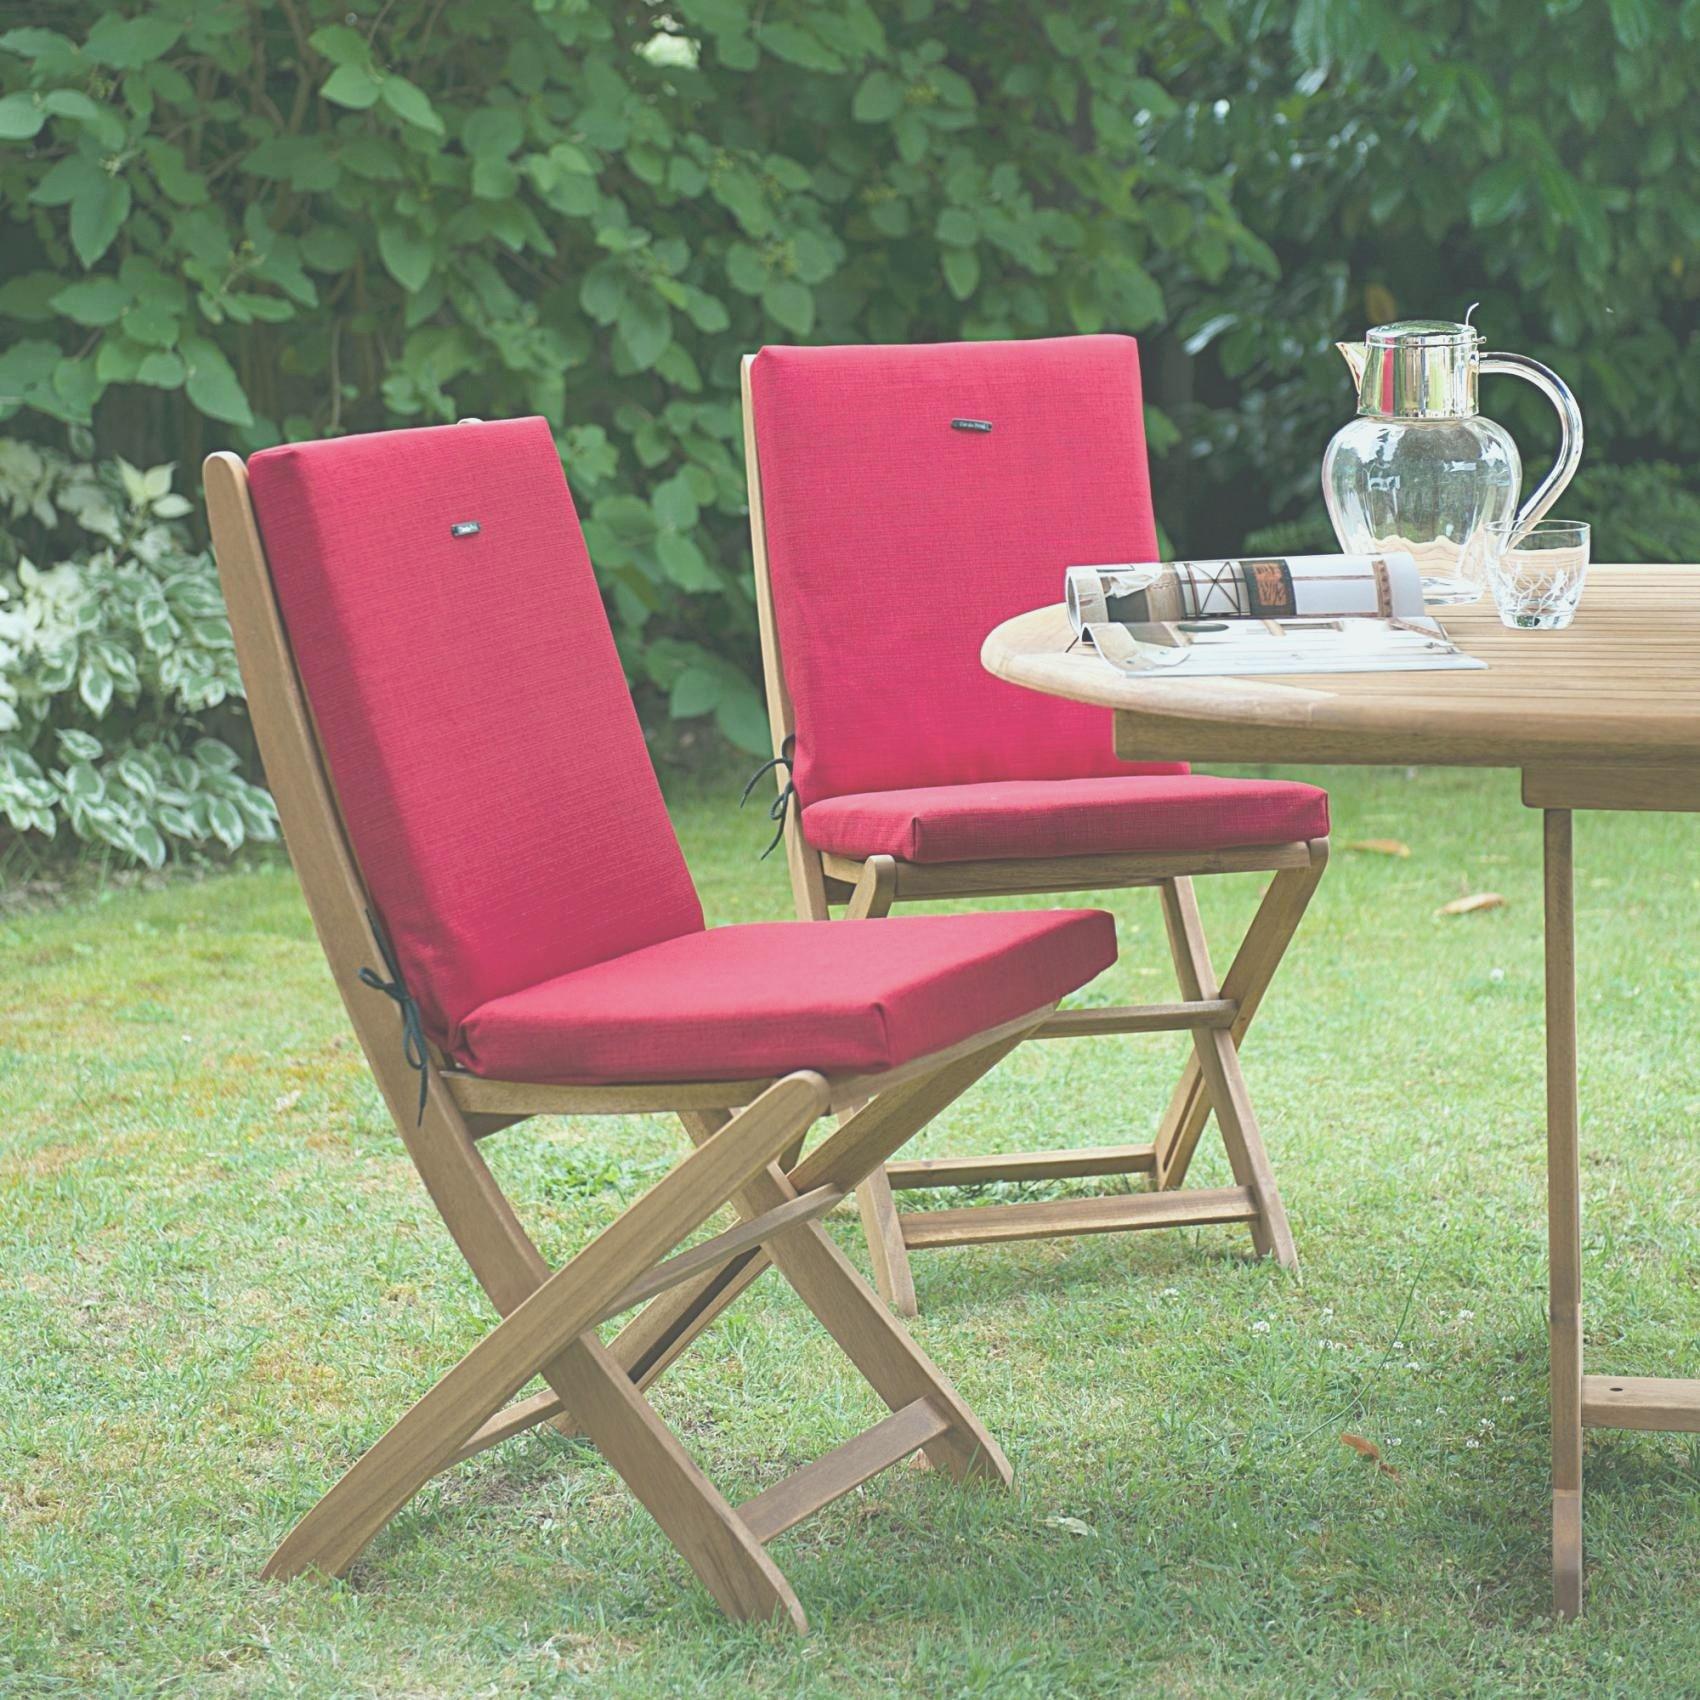 Chaise De Jardin Super U Beau Photographie Salon De Jardin Super U Plus Luxueux Table De Jardin 8 Places Unique